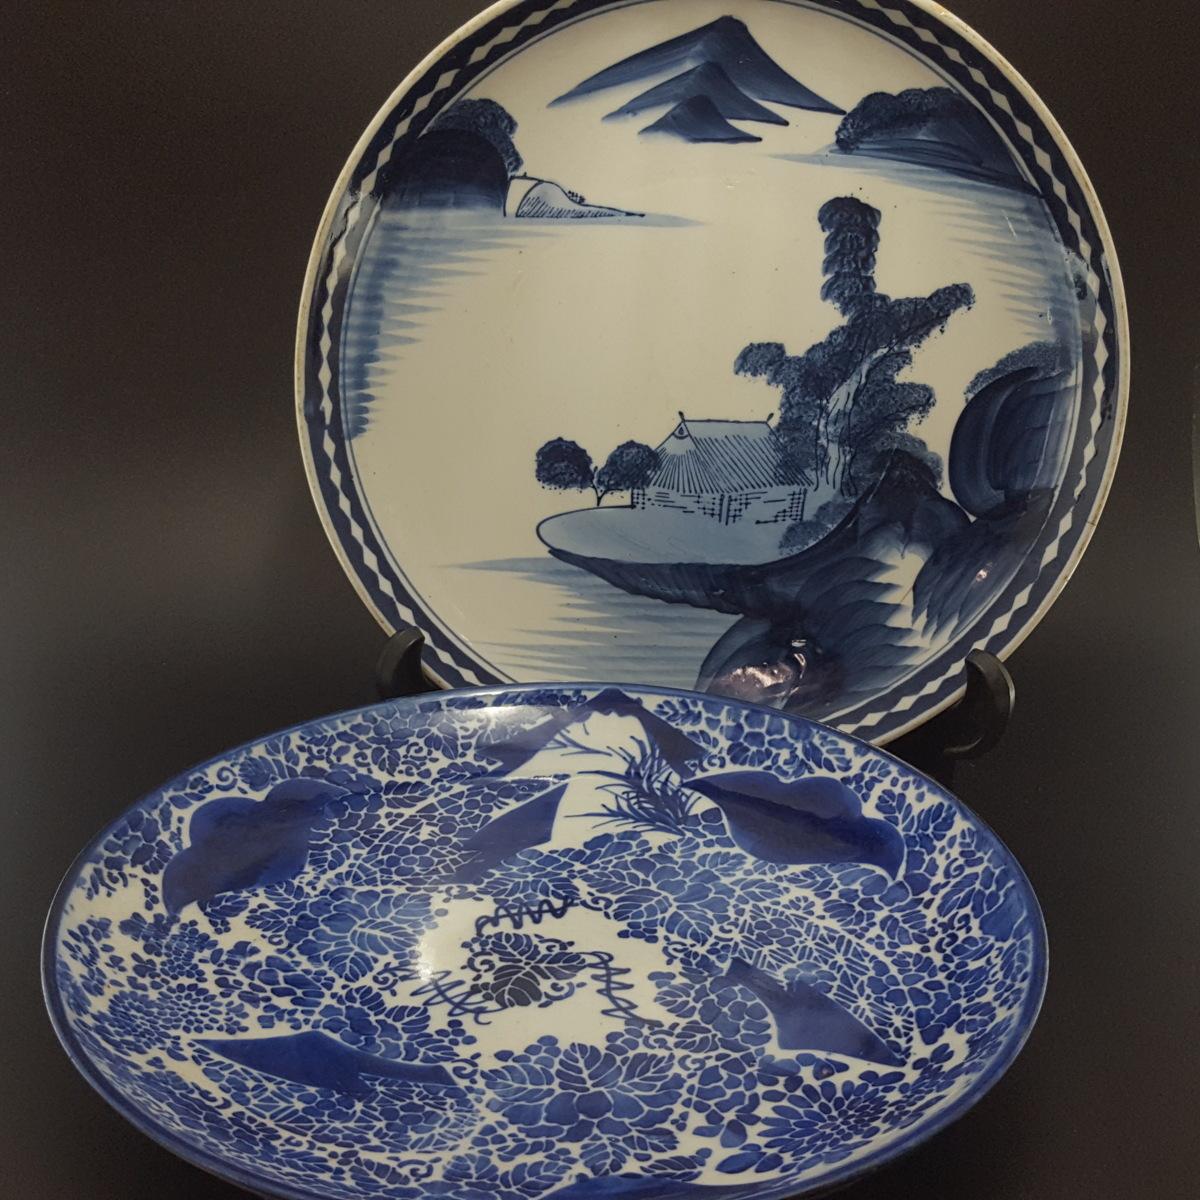 【宝蔵】伊万里 時代染付飾皿『山水風景文と草花文額皿二種』 大皿 古美術 骨董